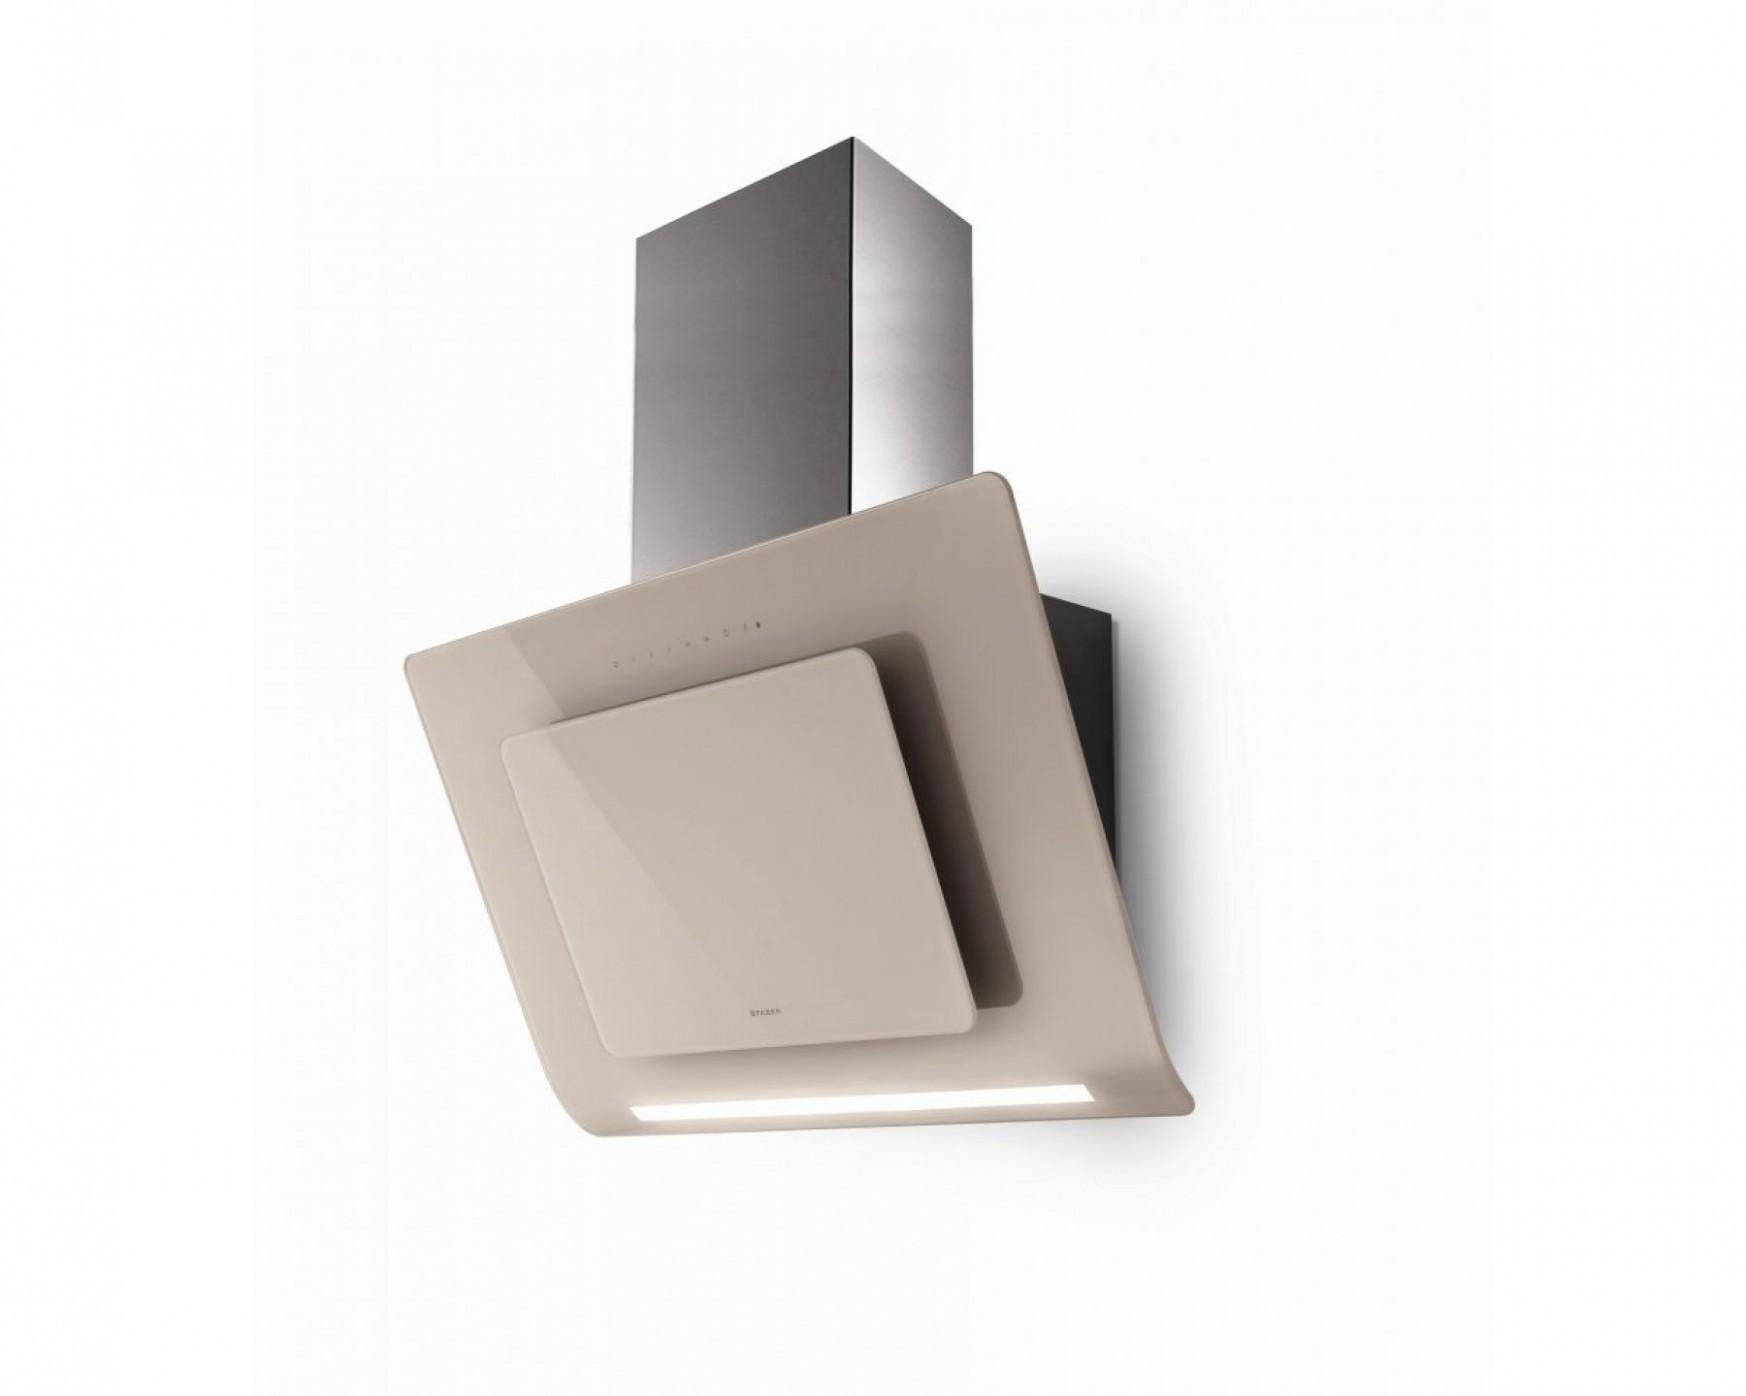 Moderní nástěnná digestoř Infinity nerez s mandlovým sklem, 31 cm ...